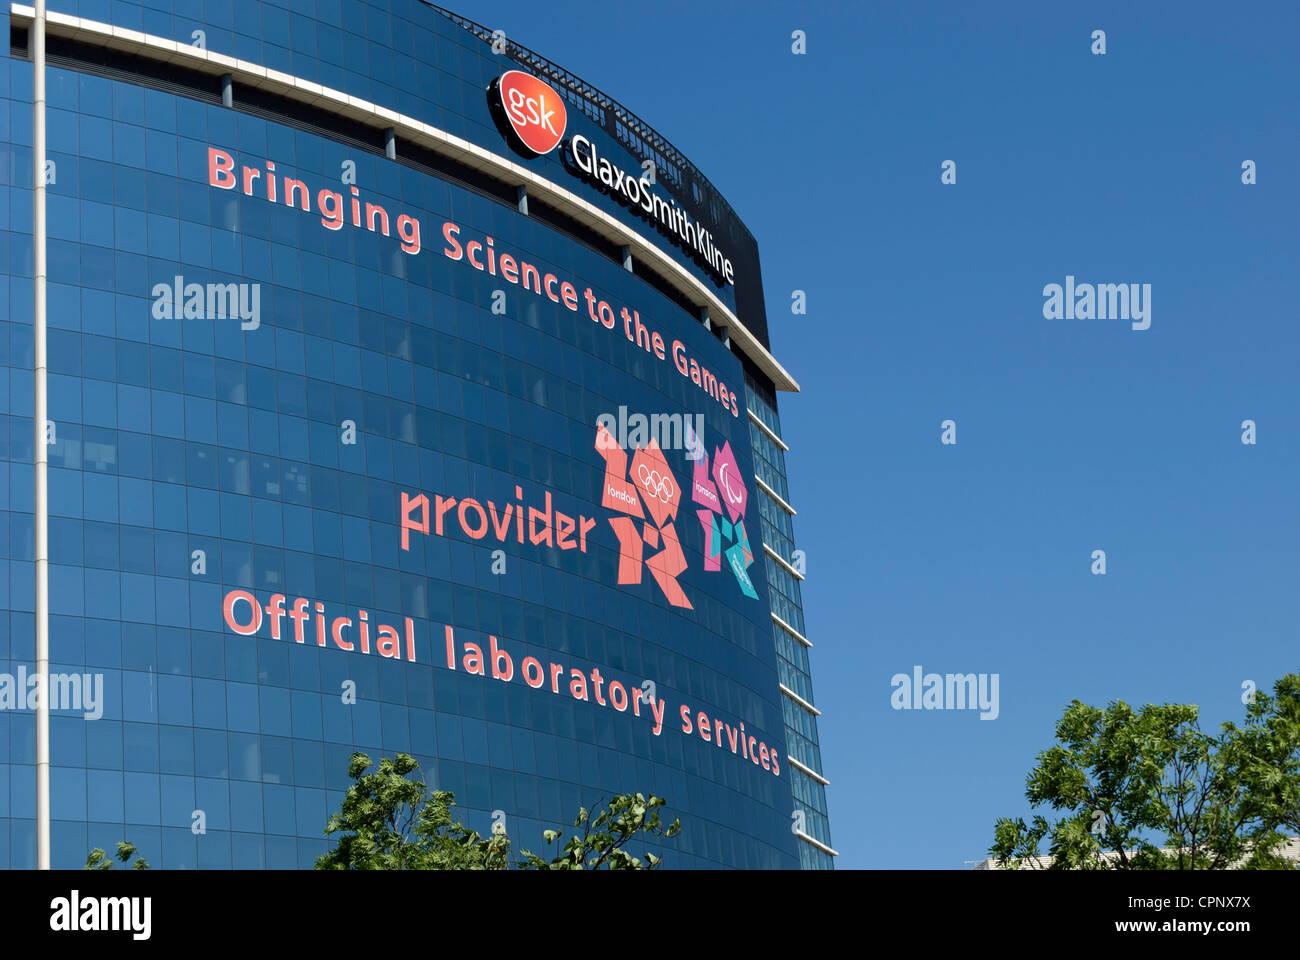 headquarters of gsk, glaxo smith kline, with 2012 olympic